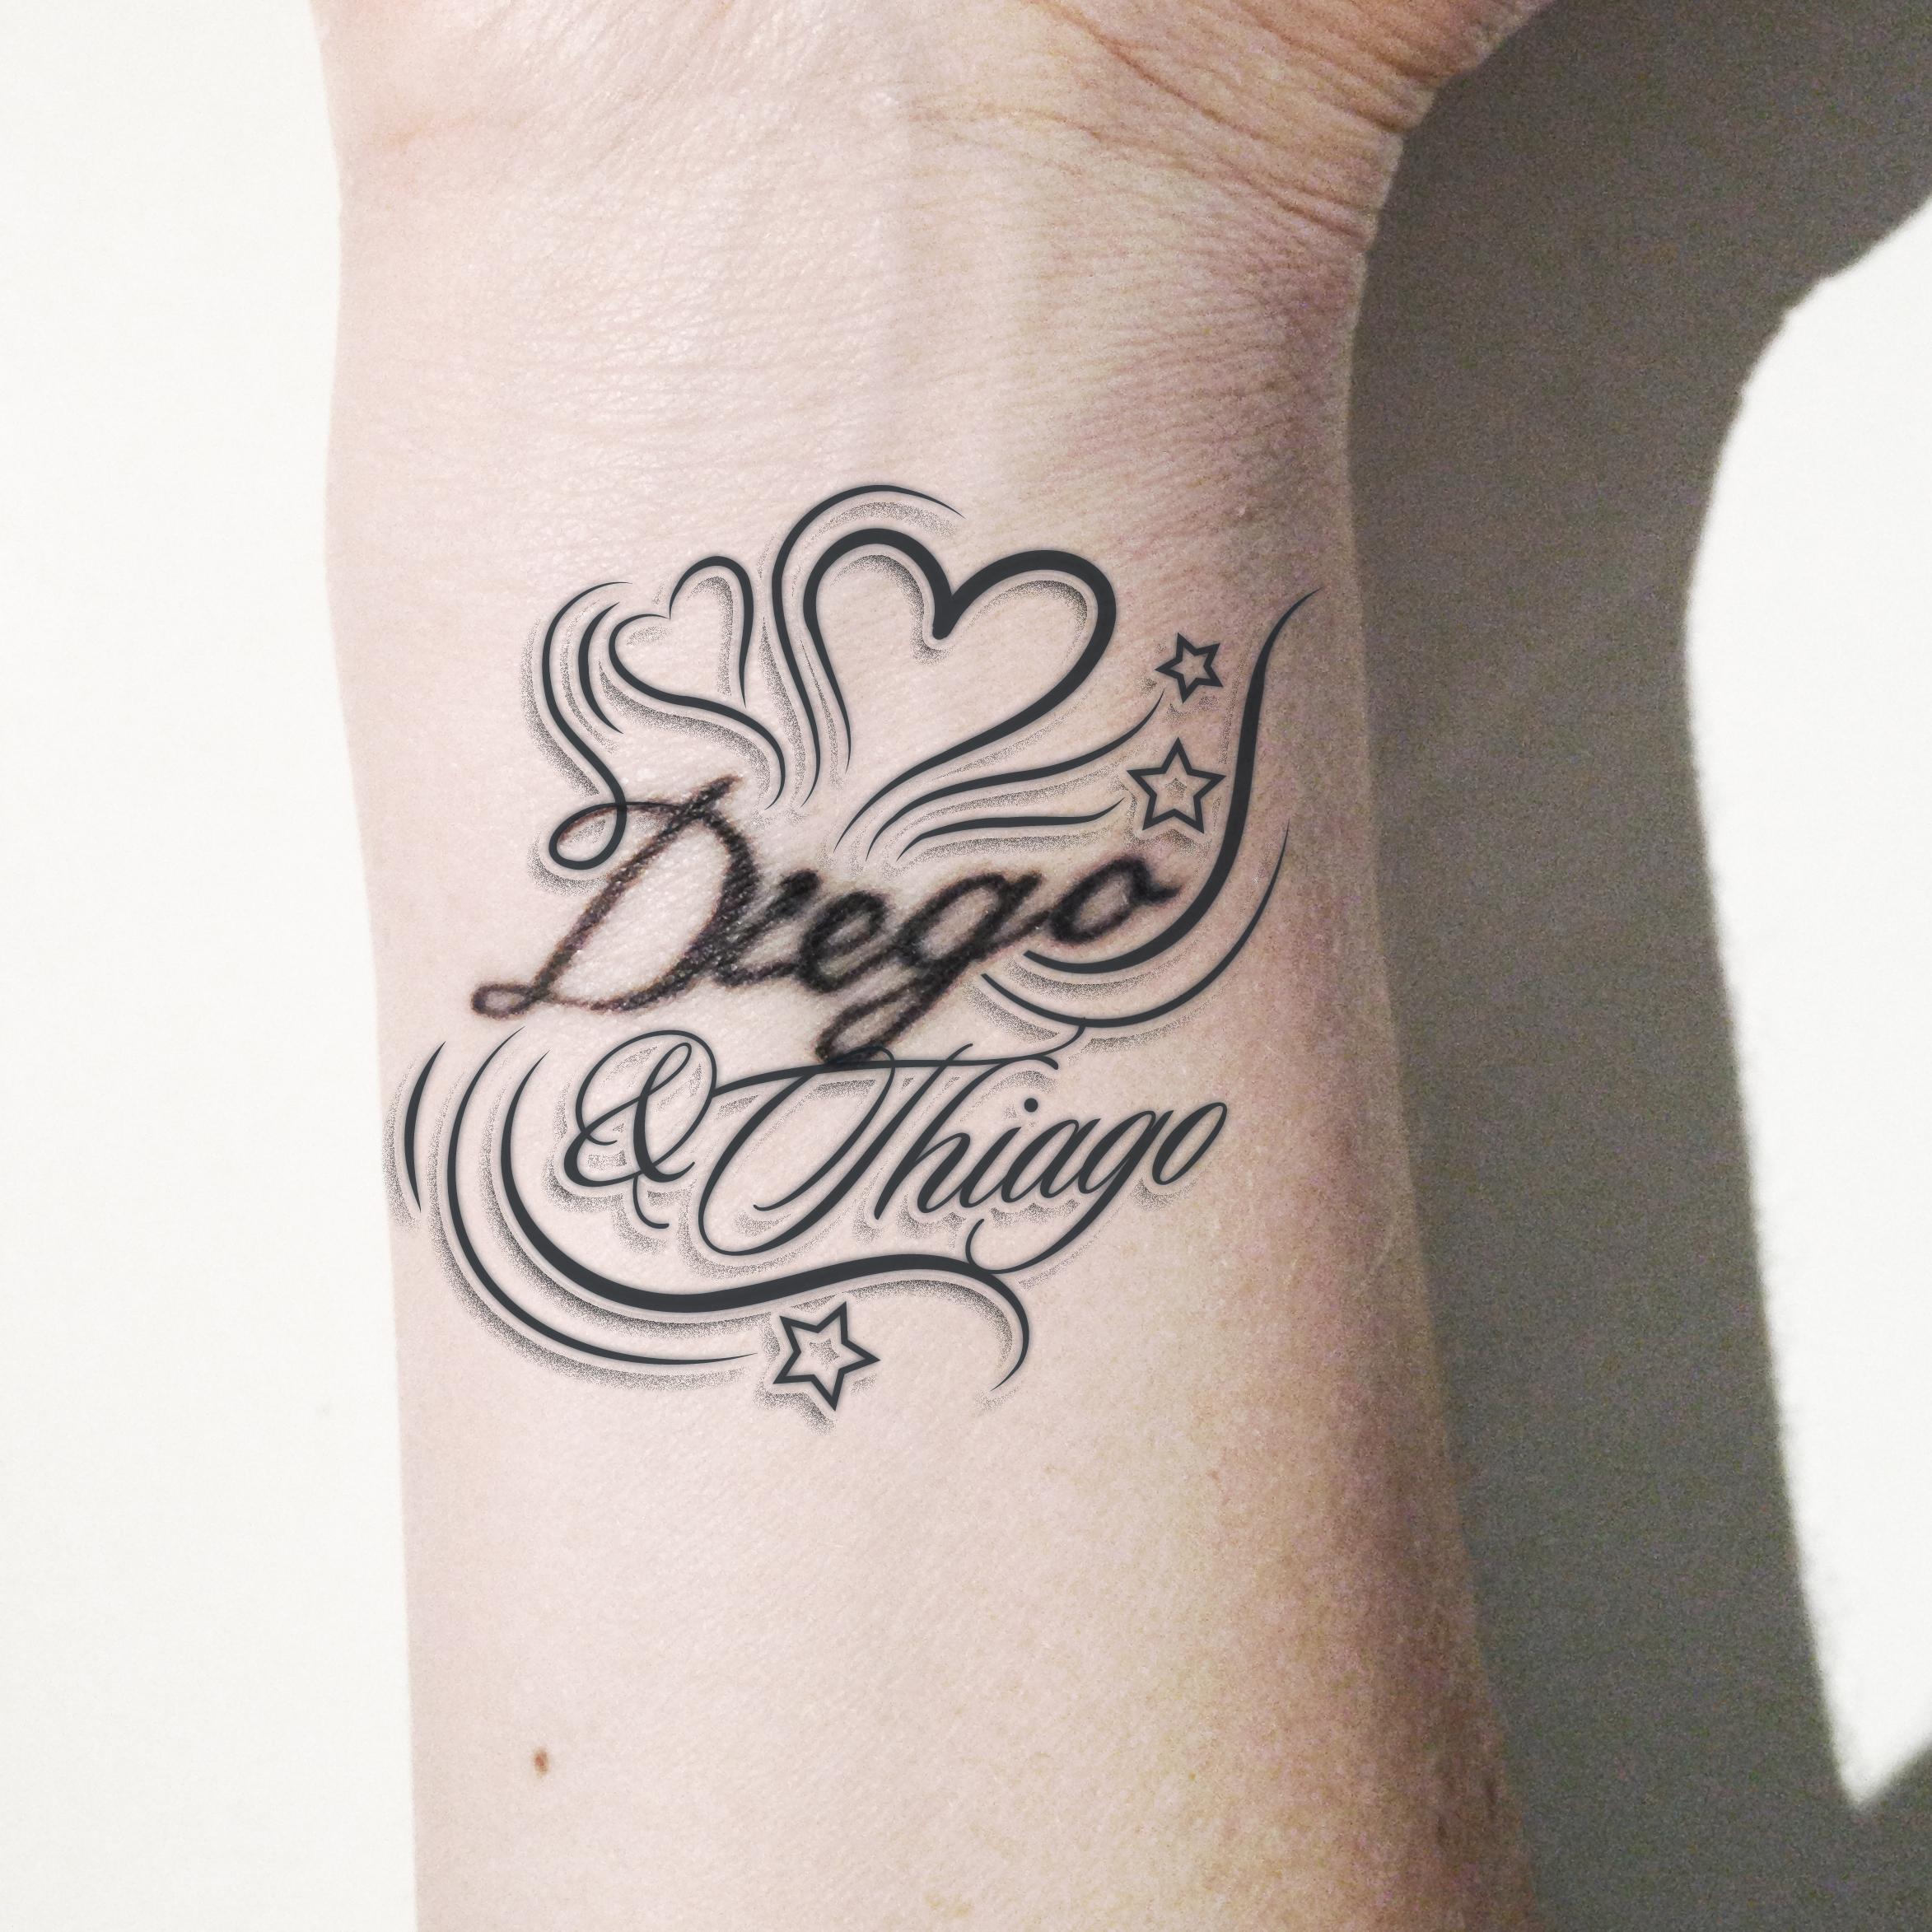 Ontwerp 50 Van Rsdesign Voor Project Tattoo Pols